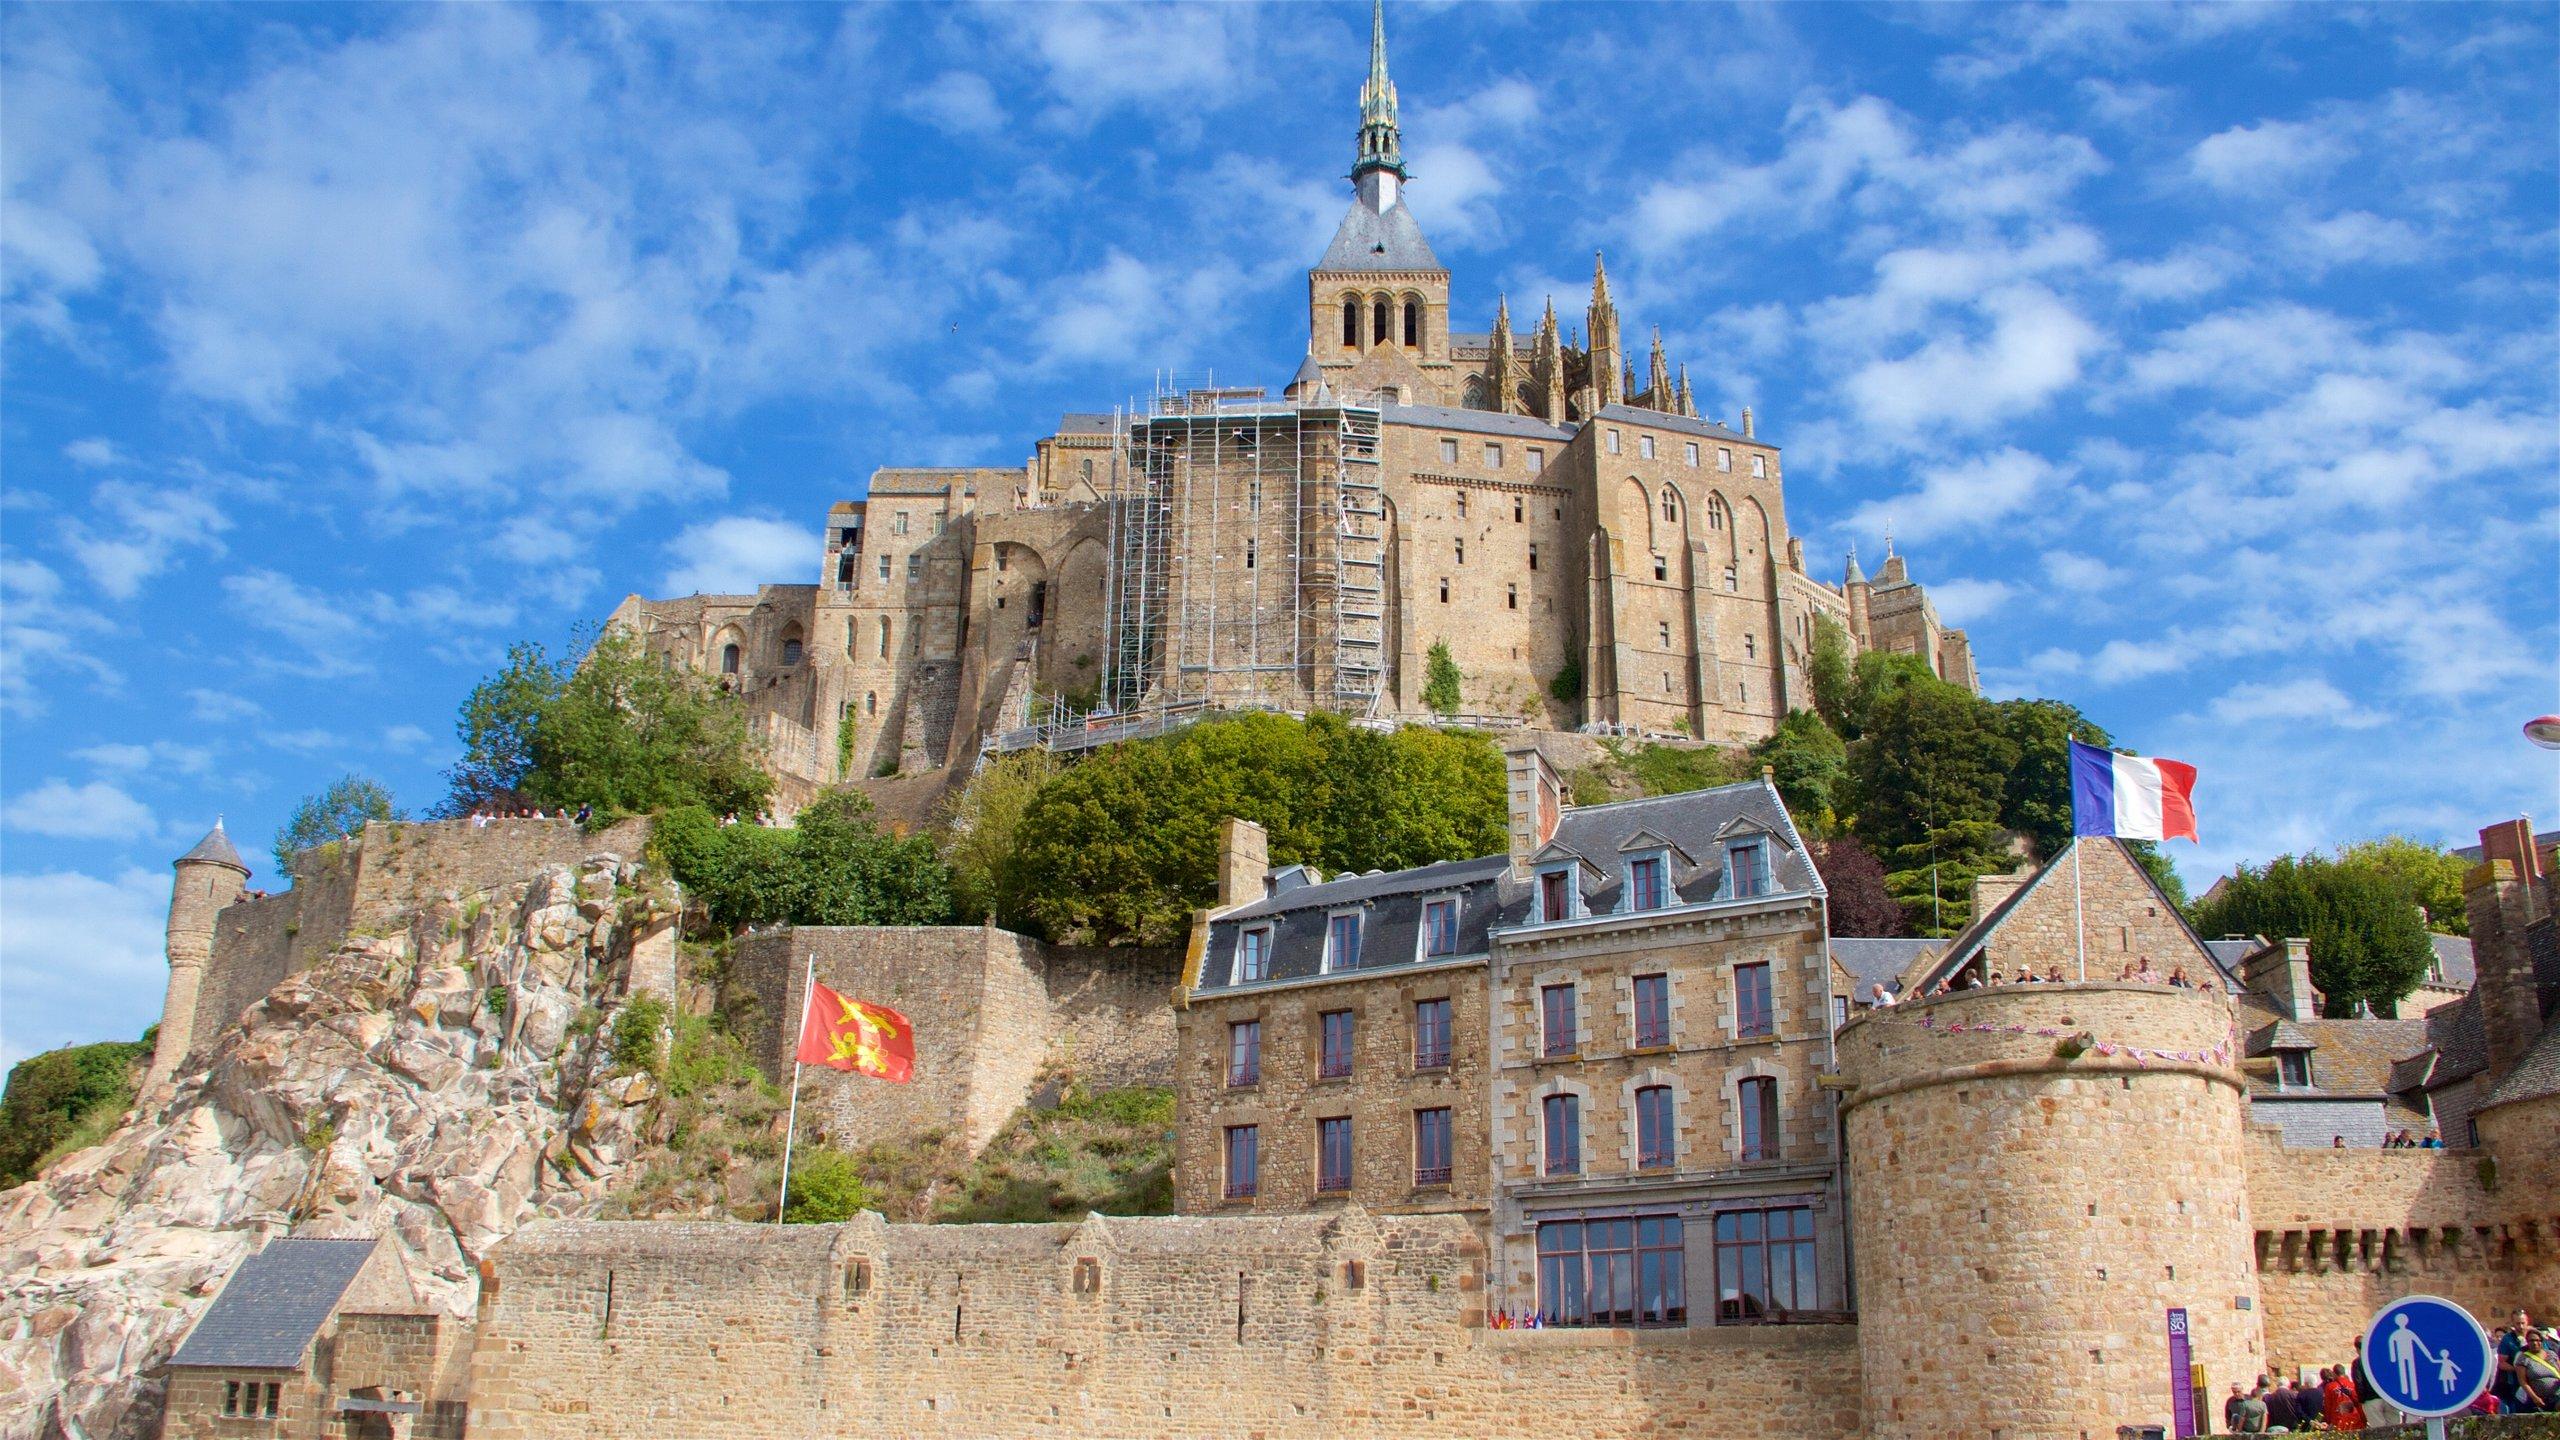 Hotels Populaires A Le Mont Saint Michel En 2021 Annulation Gratuite Pour Certains Hotels Expedia Fr